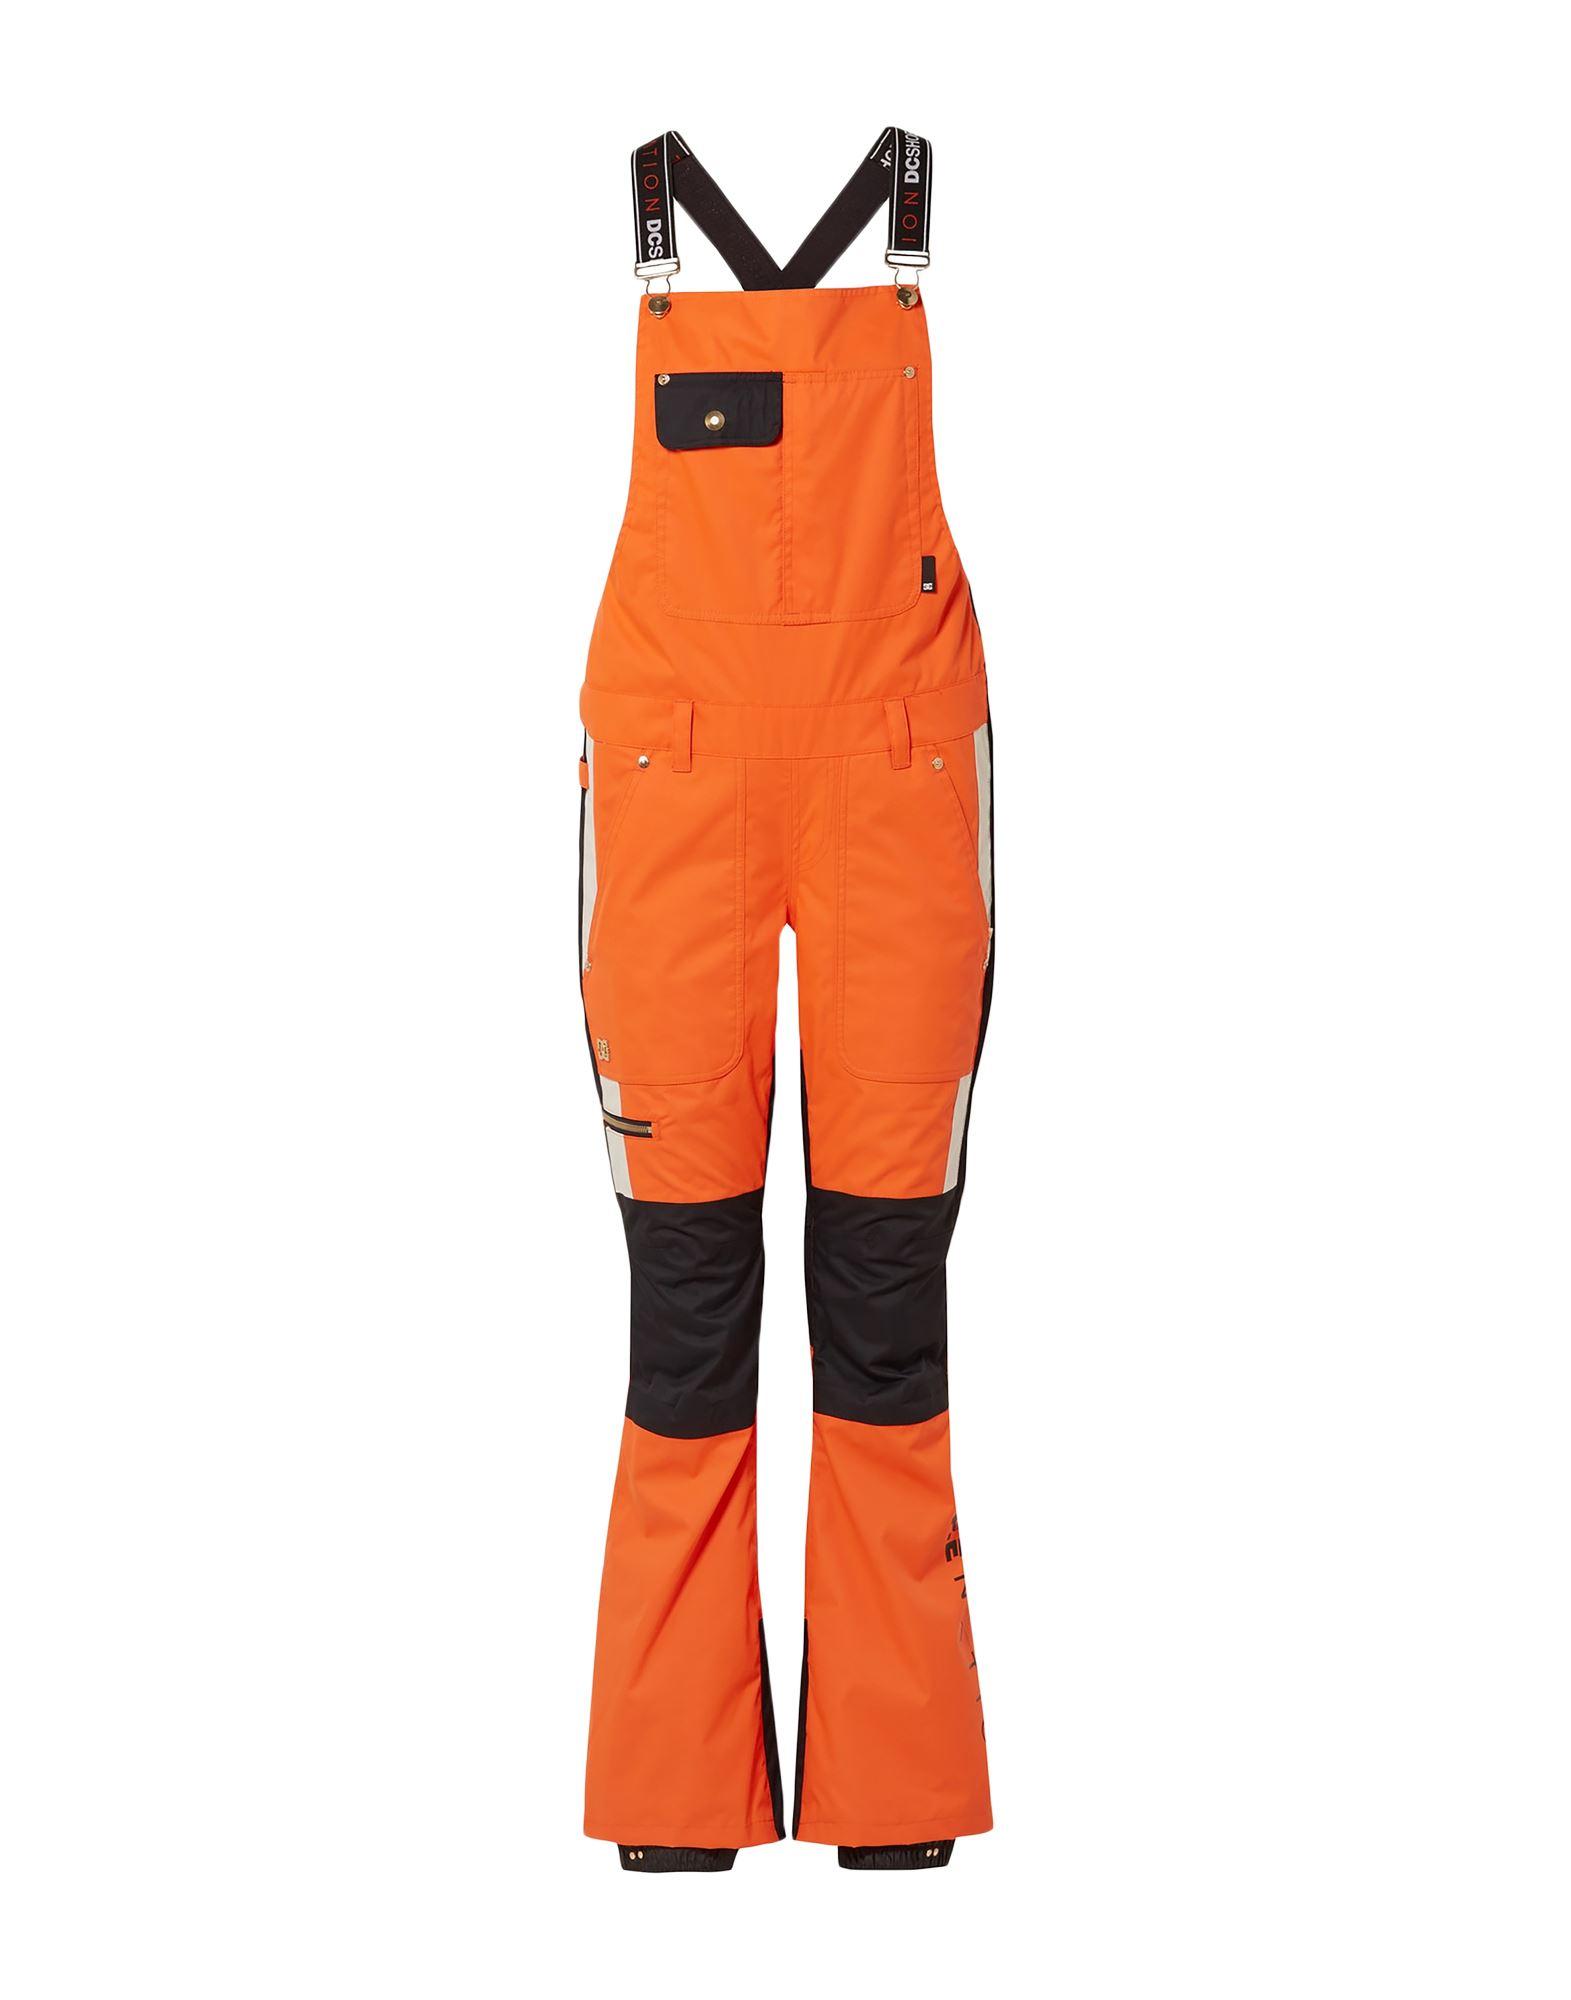 P.E NATION レディース スキーウェア オレンジ